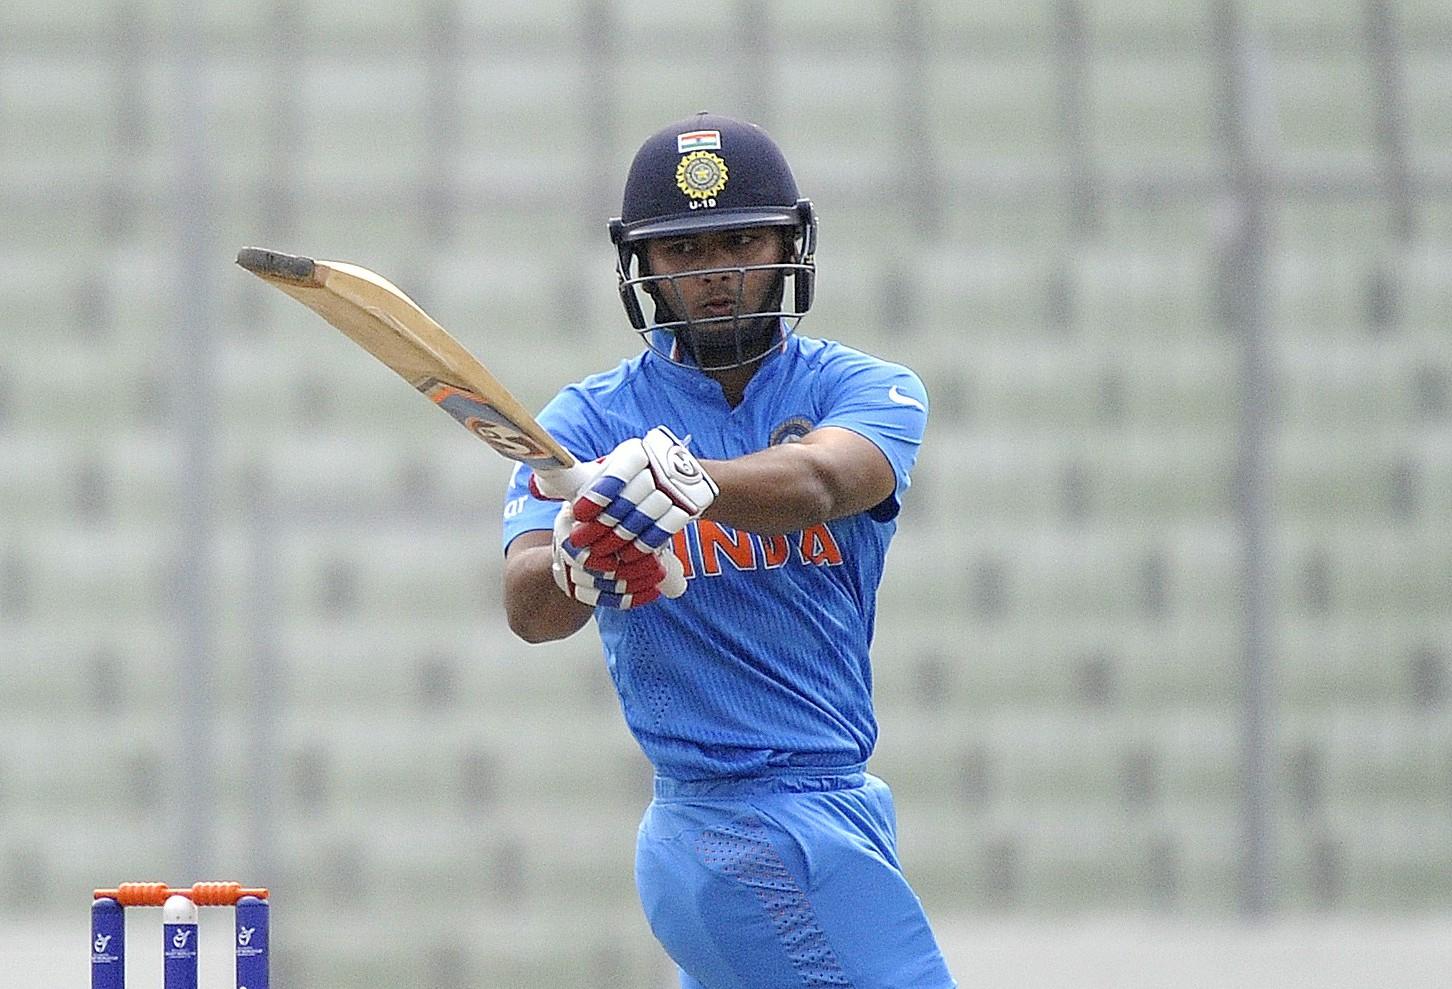 आईपीएल-10 - ये युवा खिलाड़ी जो इस आईपीएल में शानदार प्रदर्शन कर दे सकते है नेशनल टीम में दस्तक 11